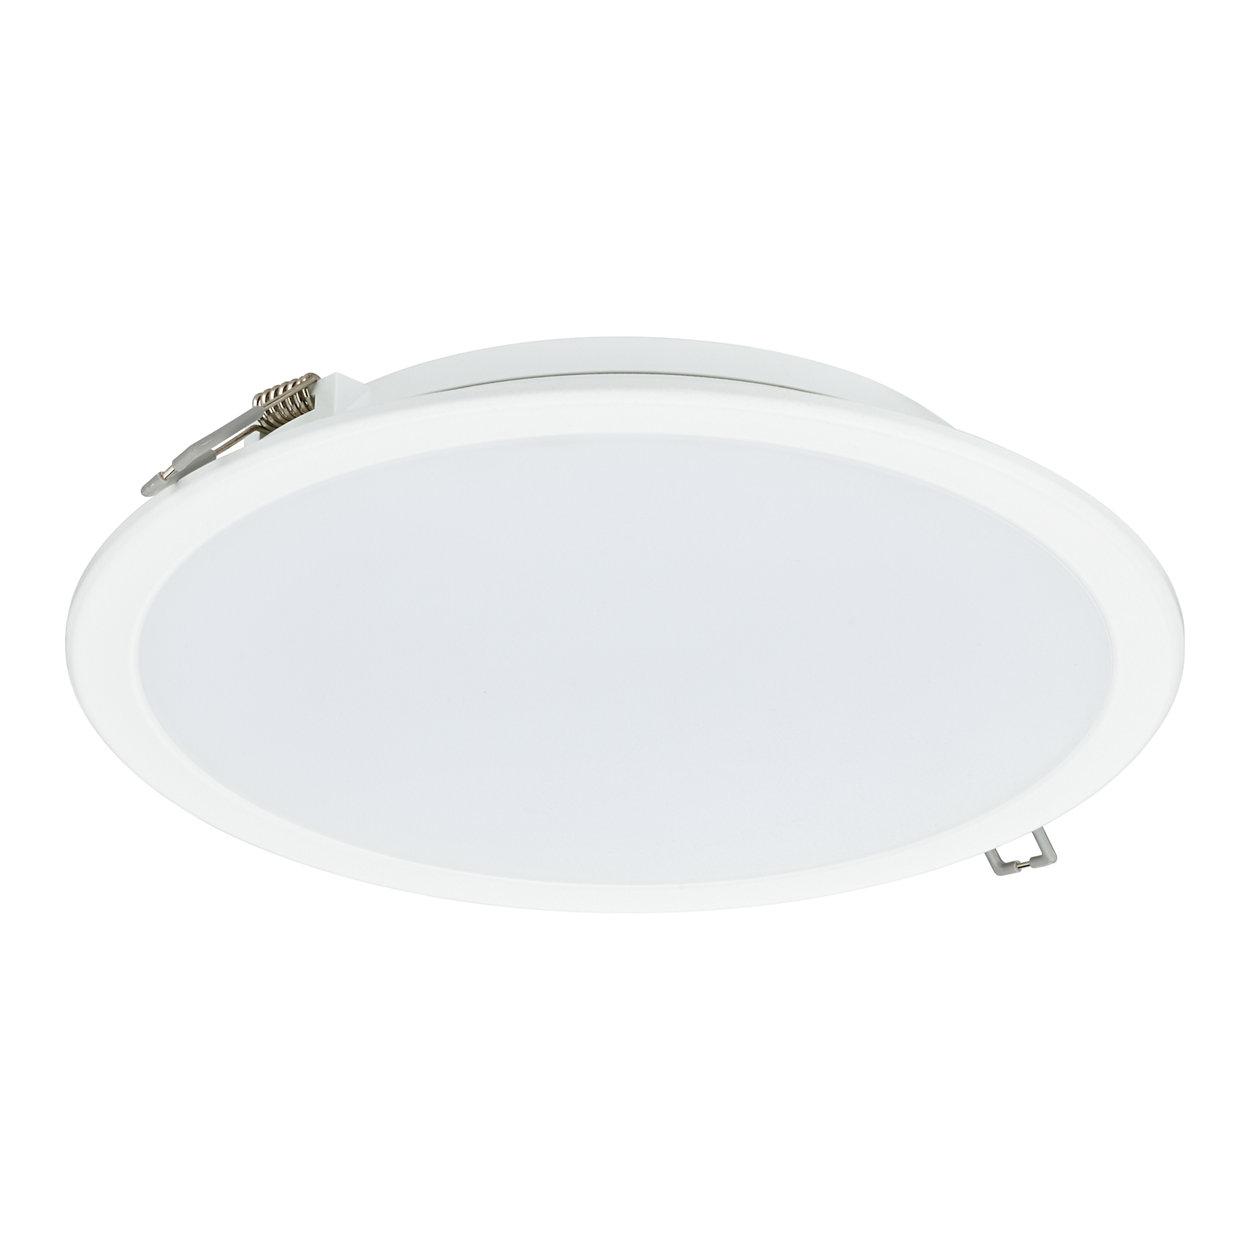 Simplemente, excelentes LED